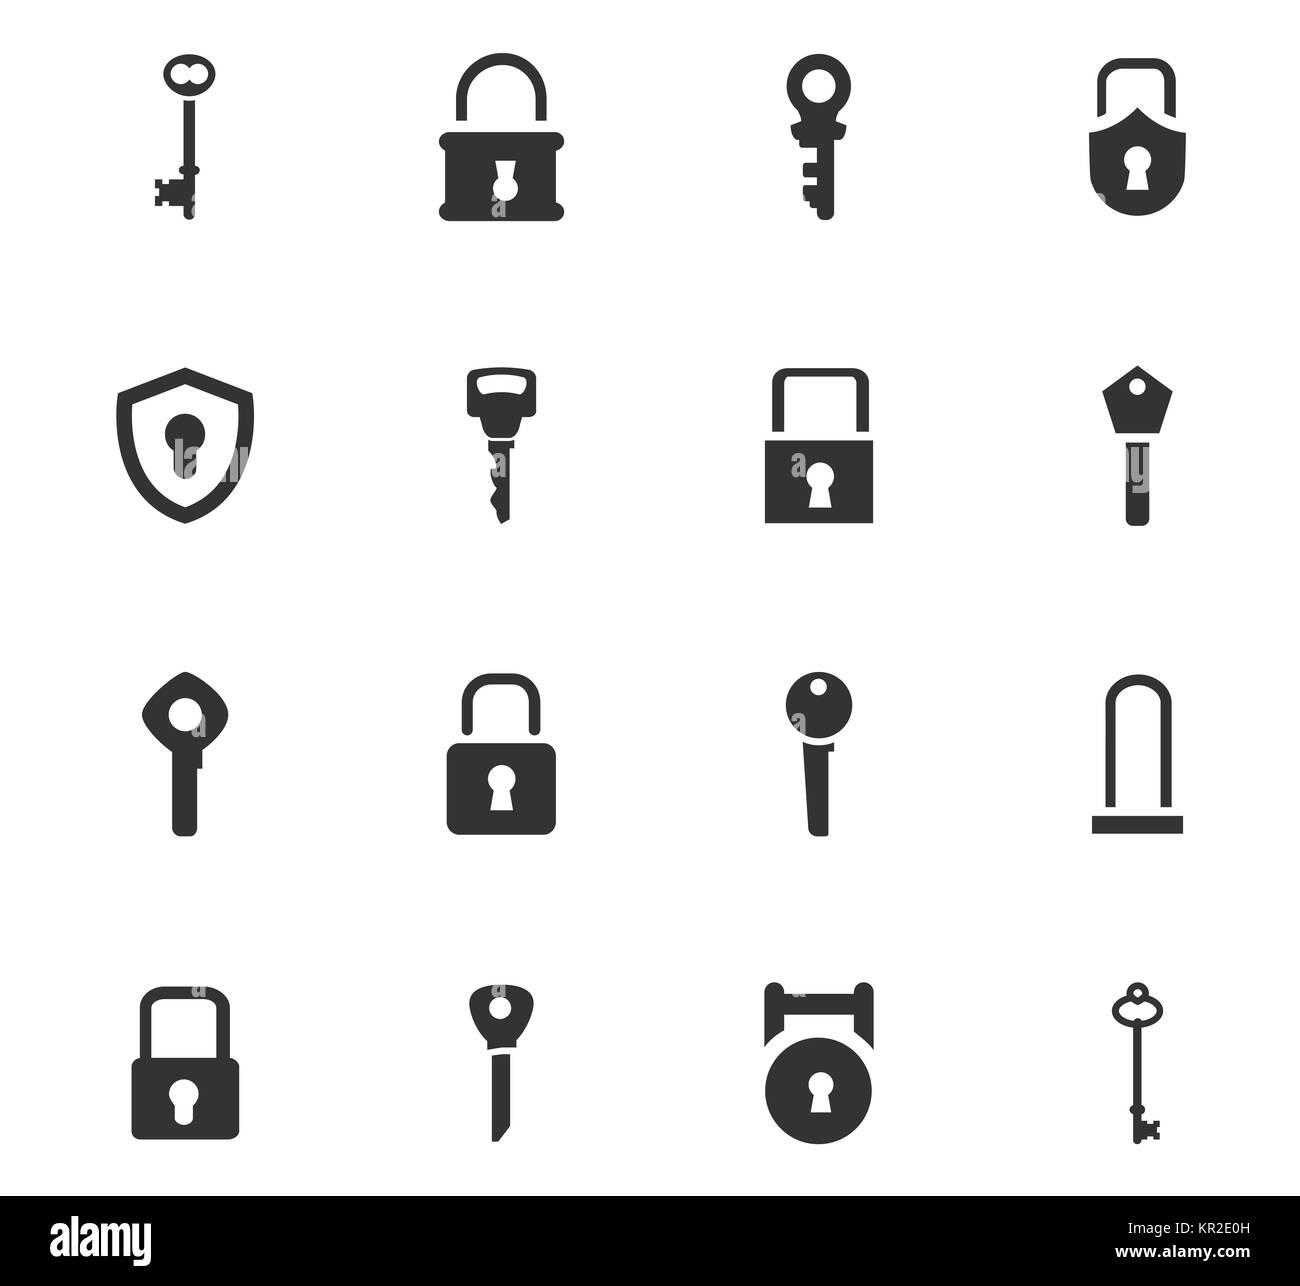 Lock and Key icons set - Stock Image